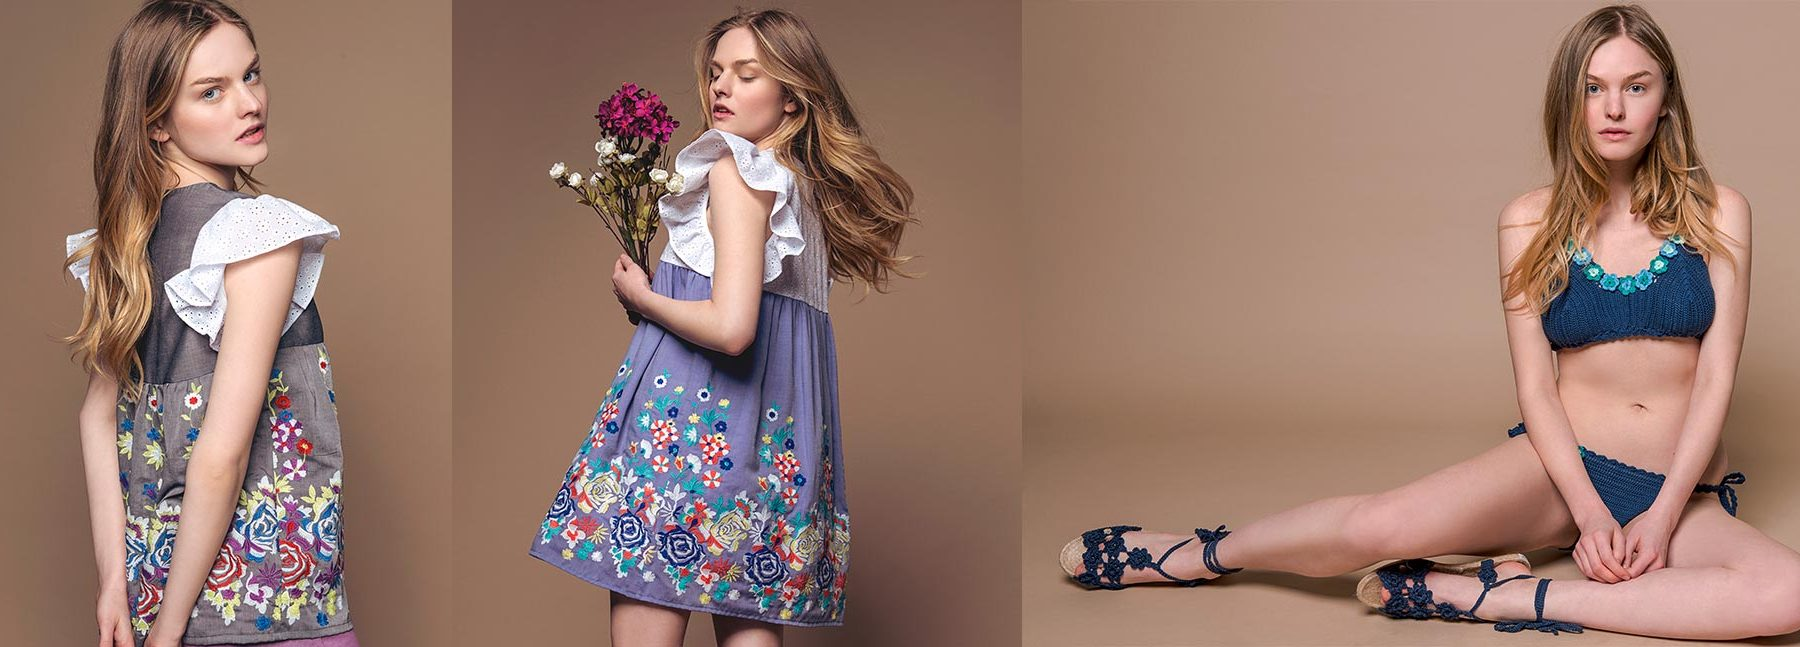 abbigliamento-donna-made-in-italy-estivo